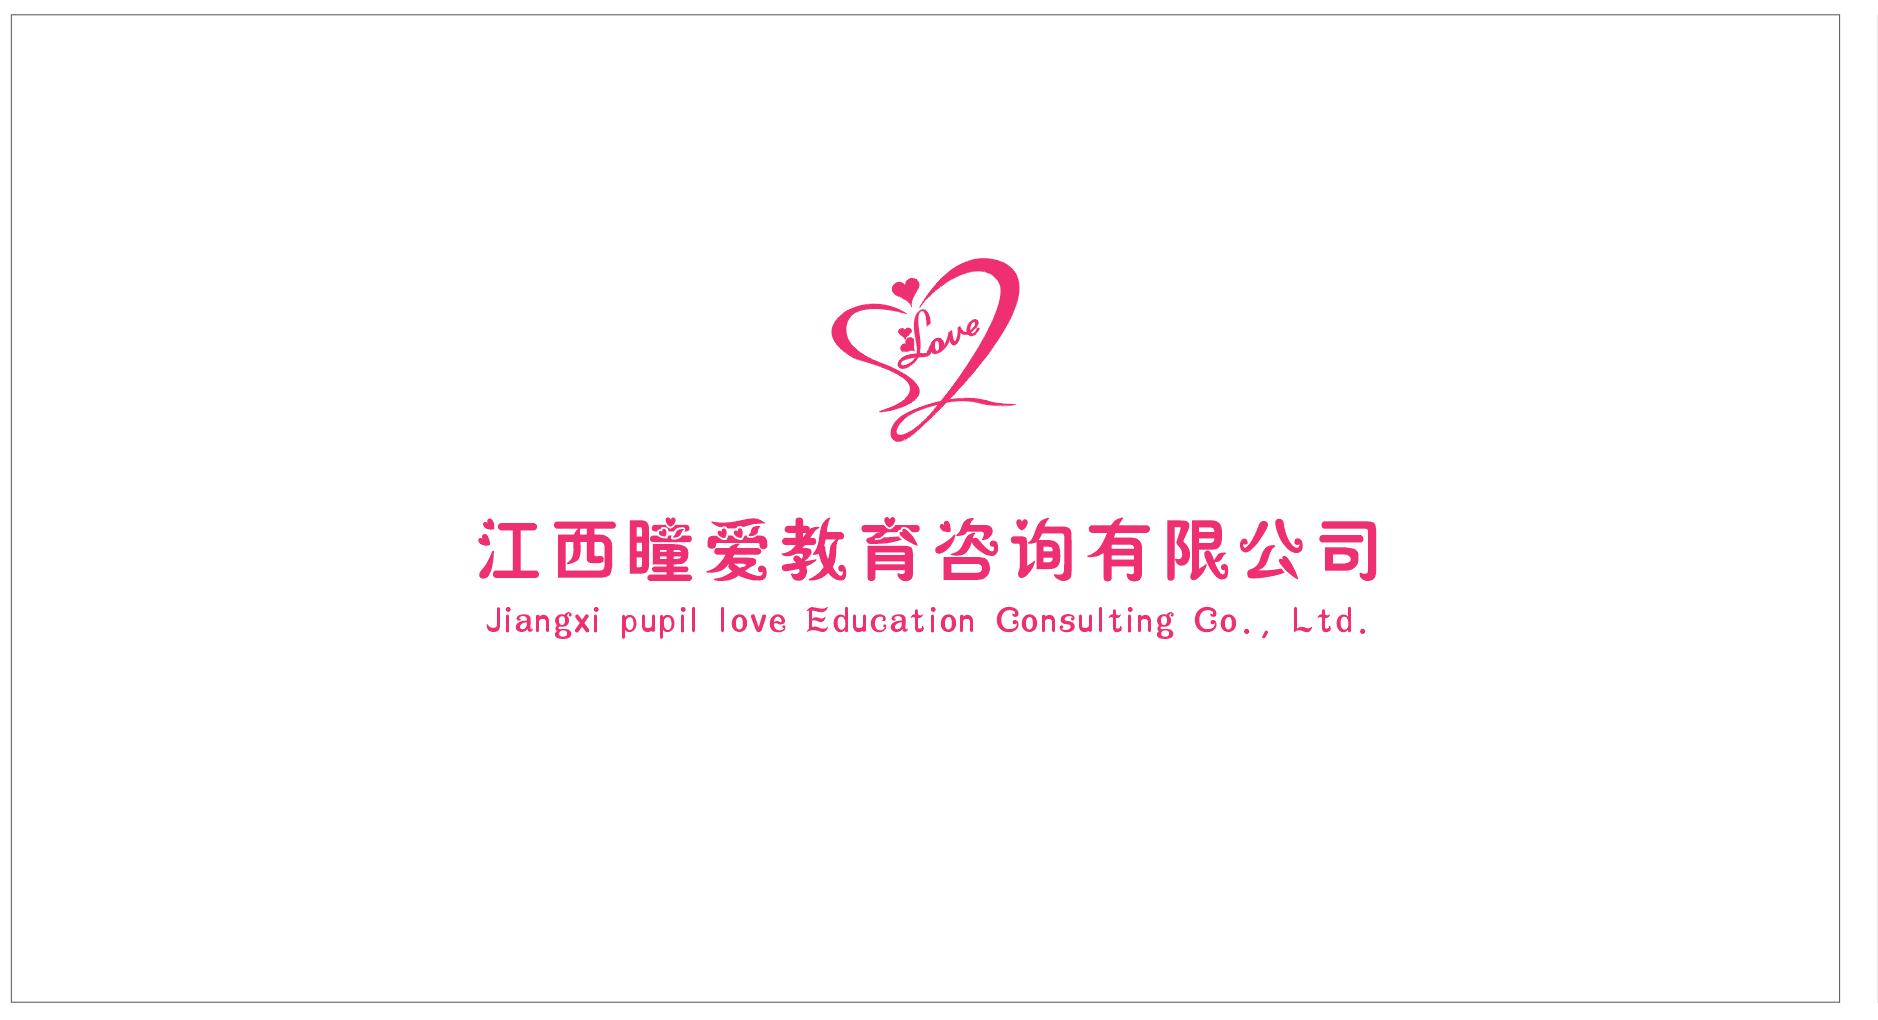 江西瞳爱教育咨询有限公司logo